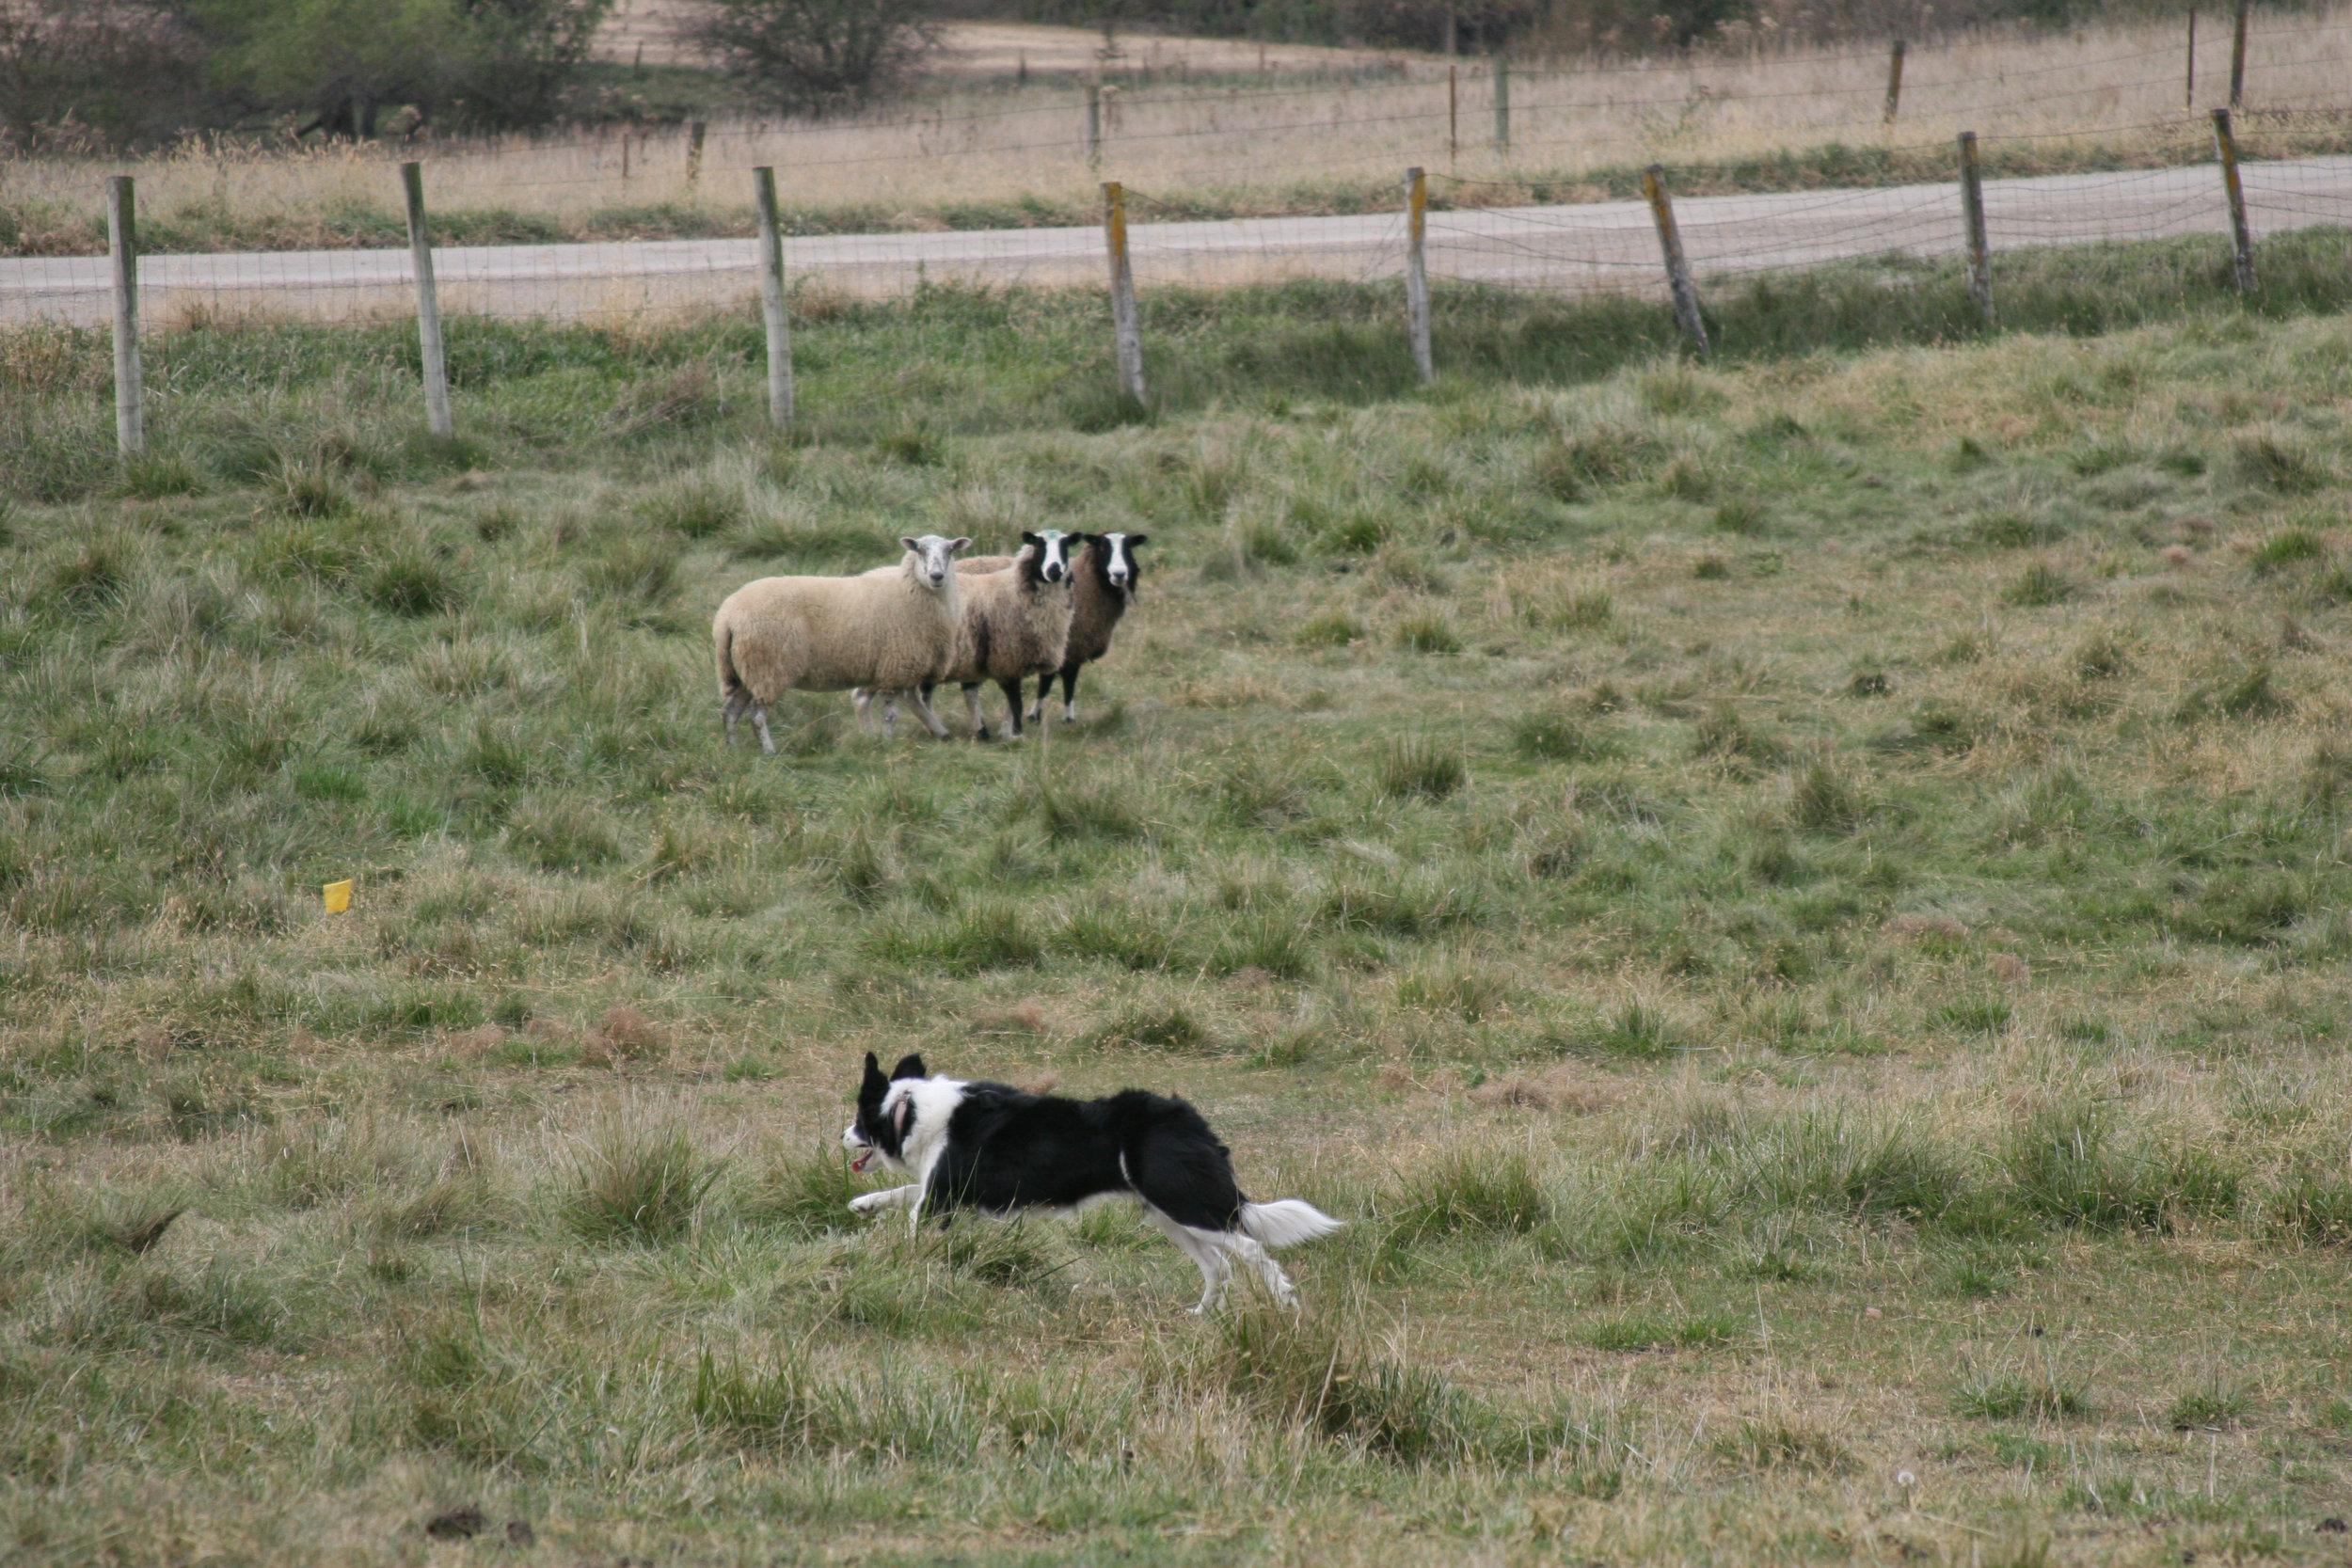 Jill herding sheep Iowa.jpg